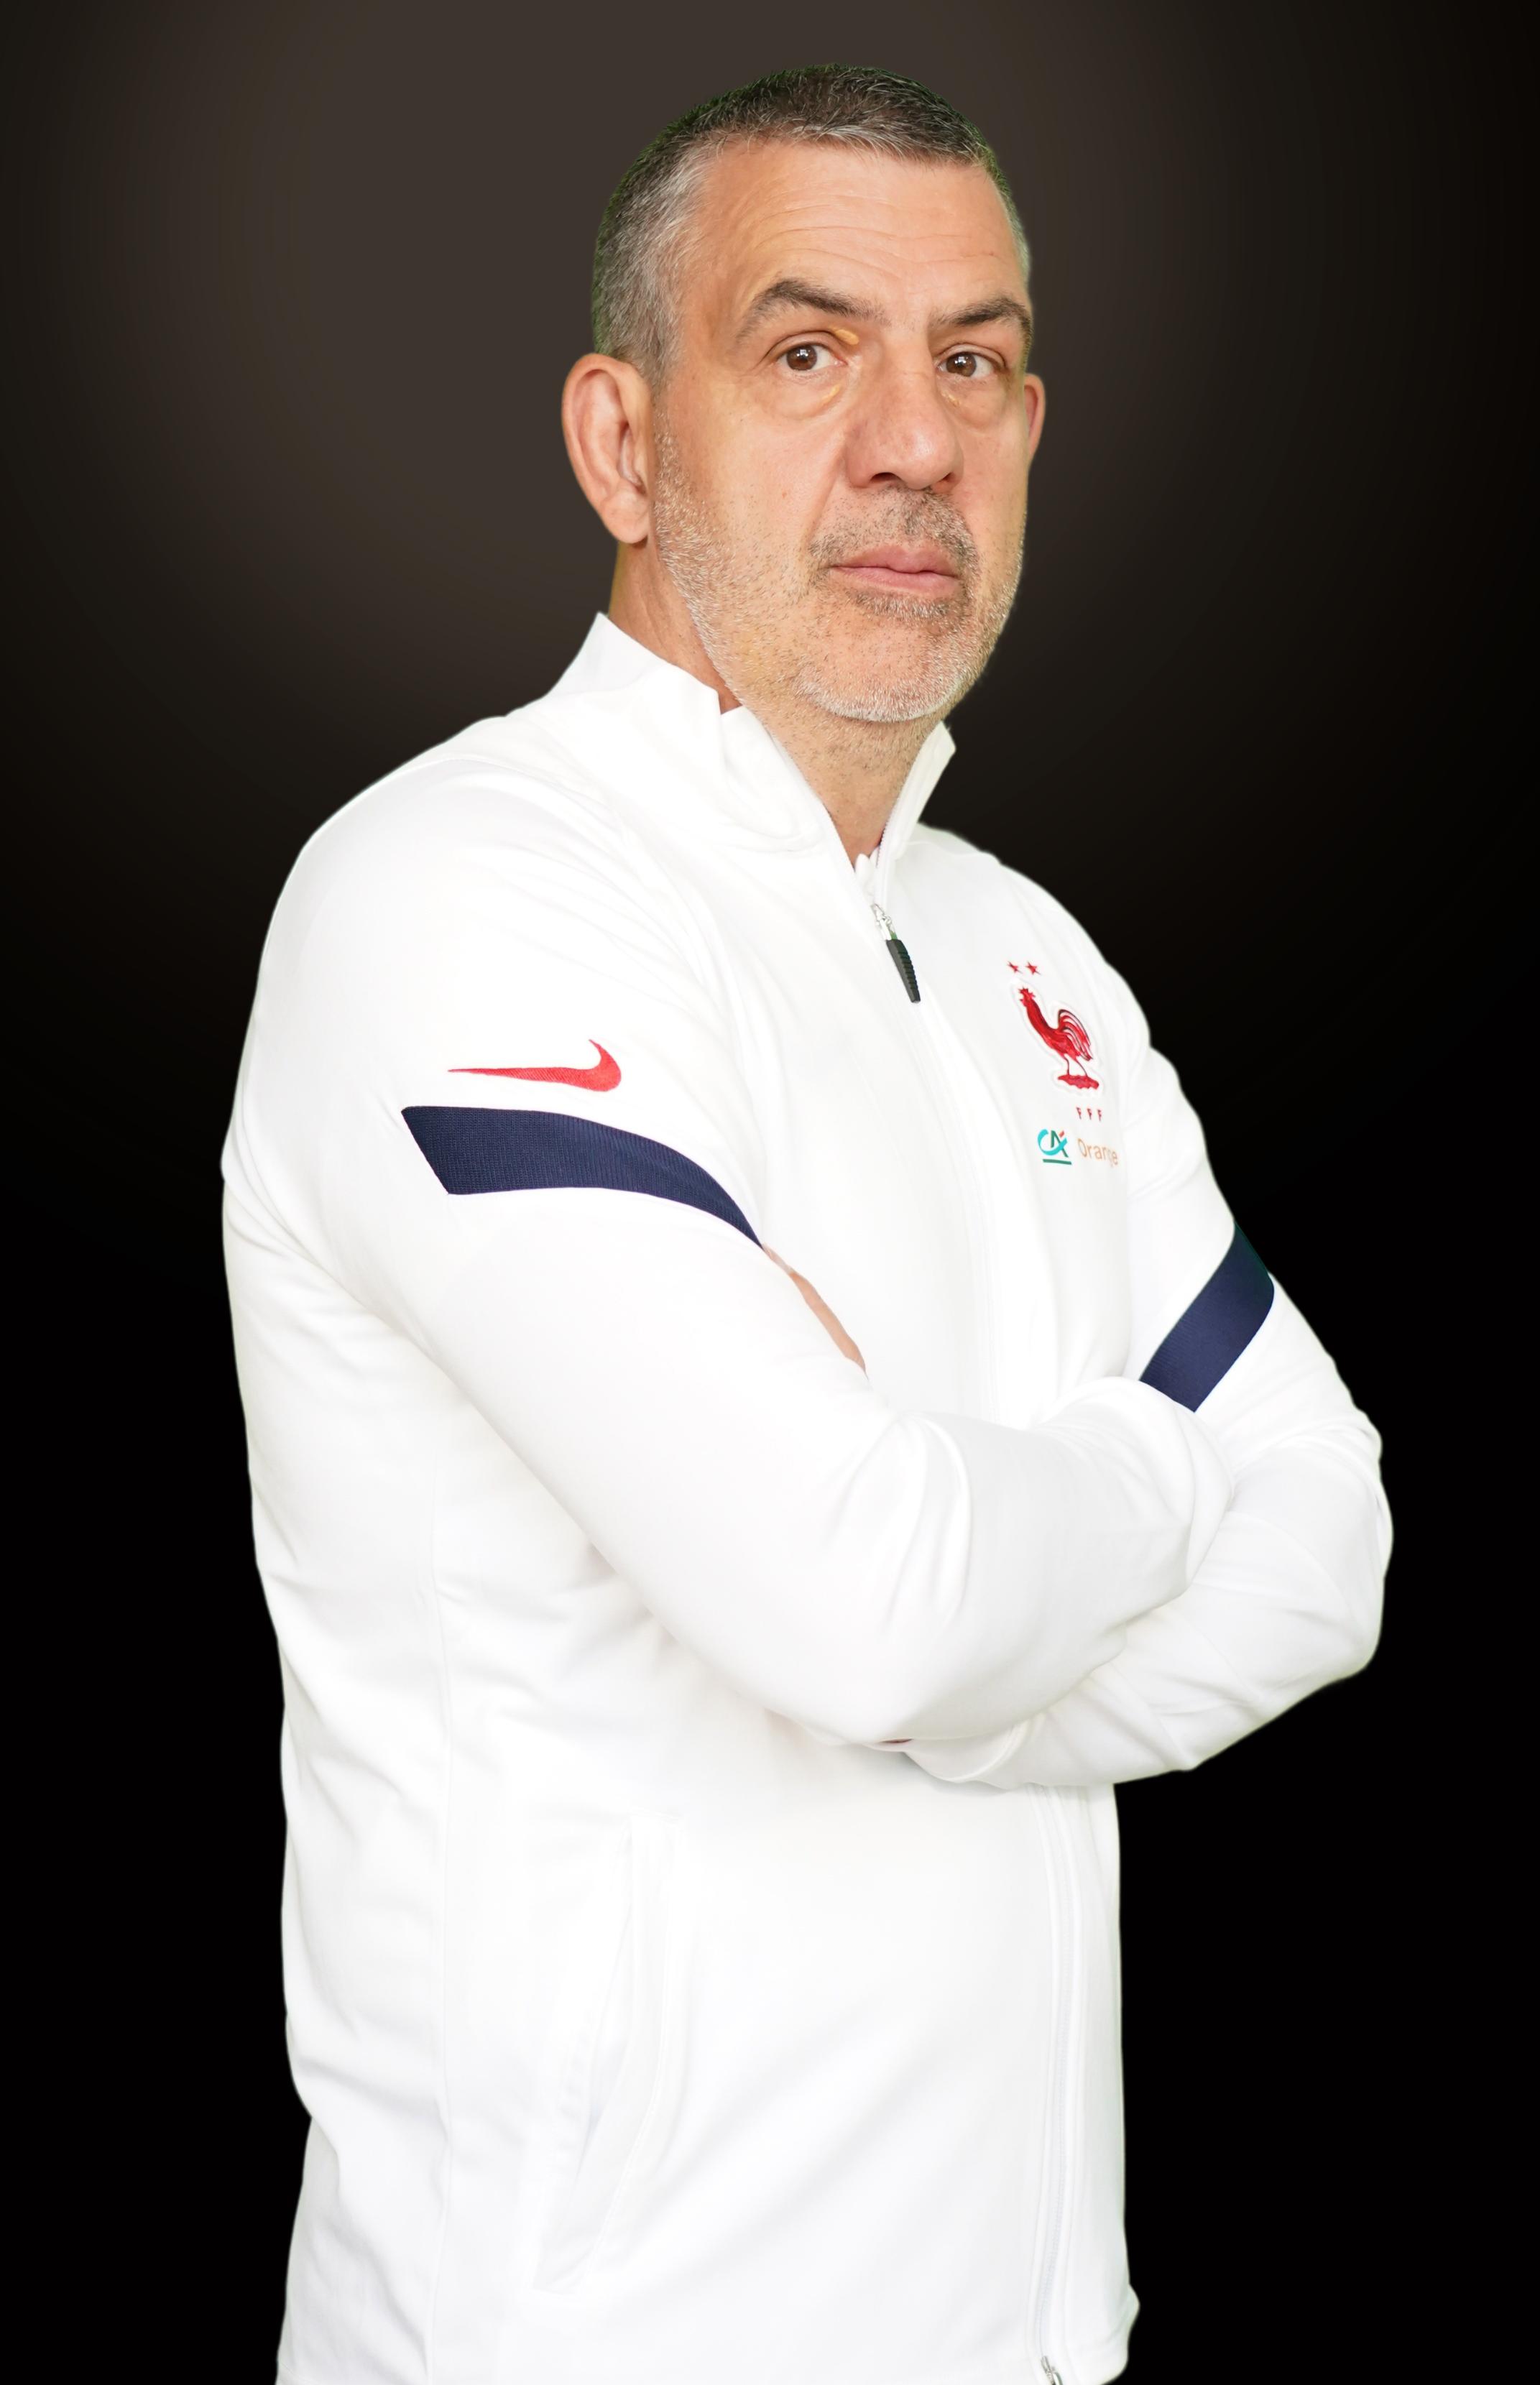 Jean-Yves Vandewalle